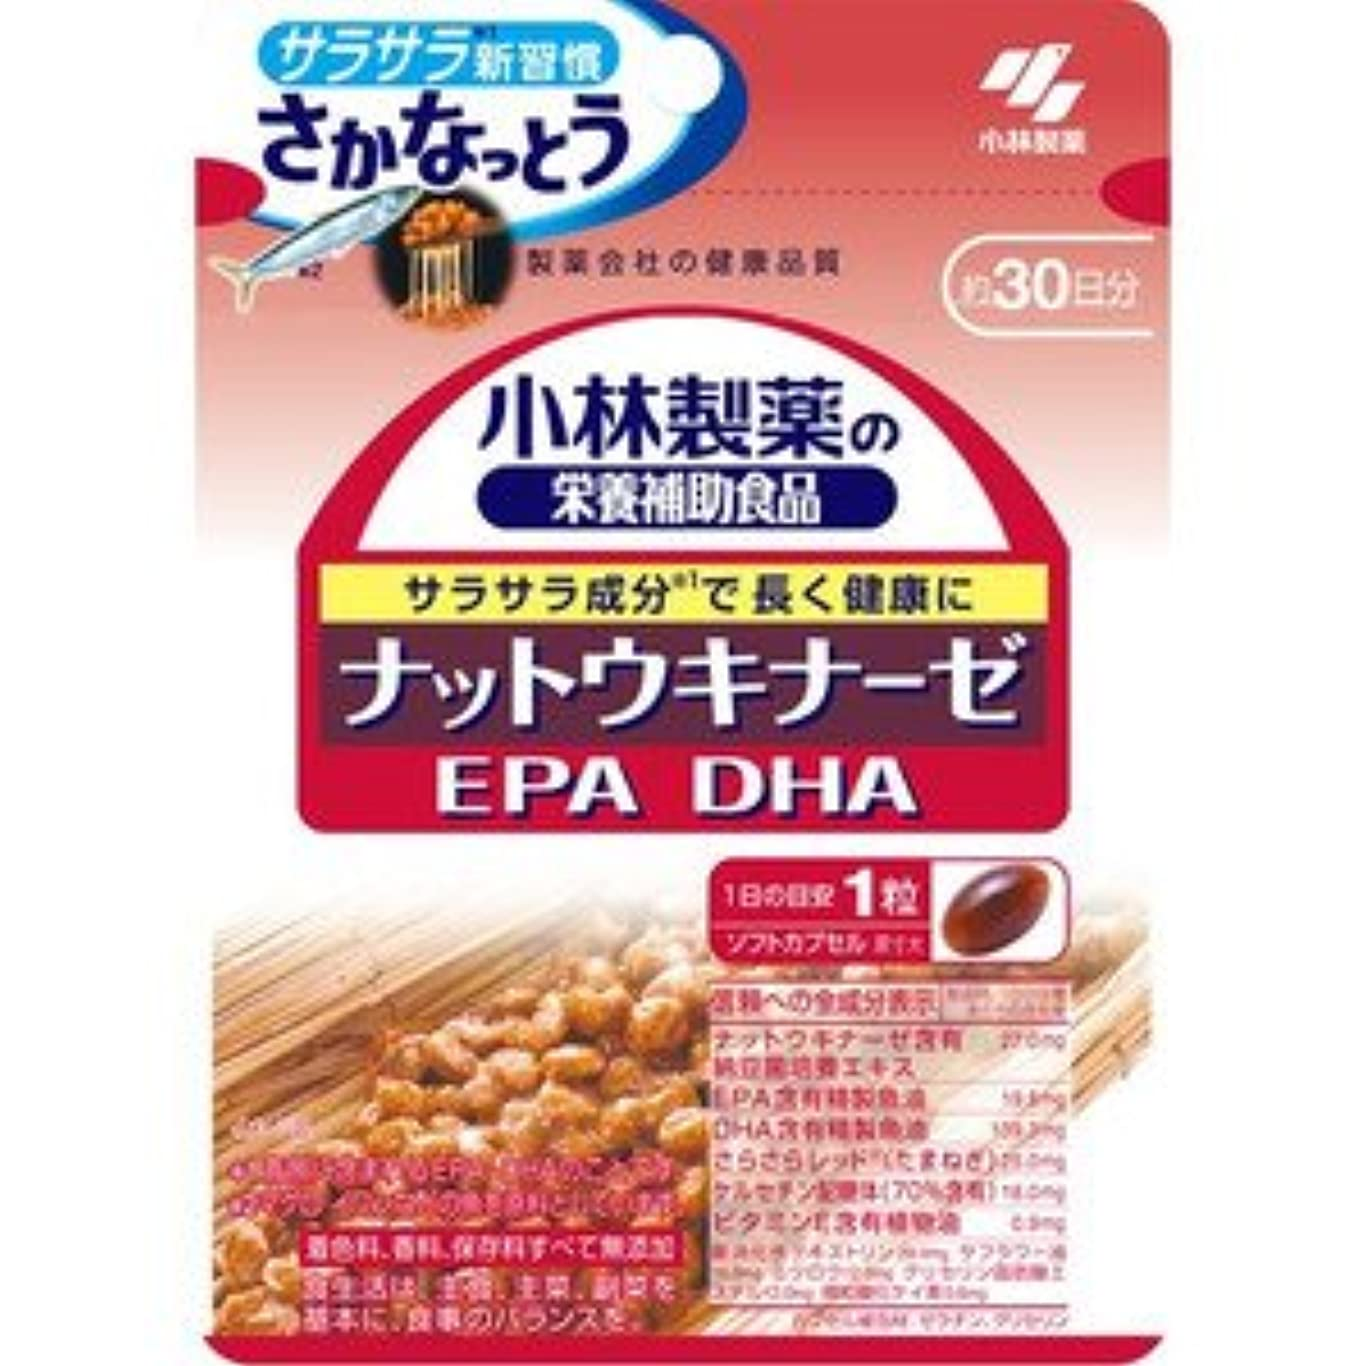 さらに罪悪感前述の【小林製薬】ナットウキナーゼ (EPA/DHA) 30粒(お買い得3個セット)